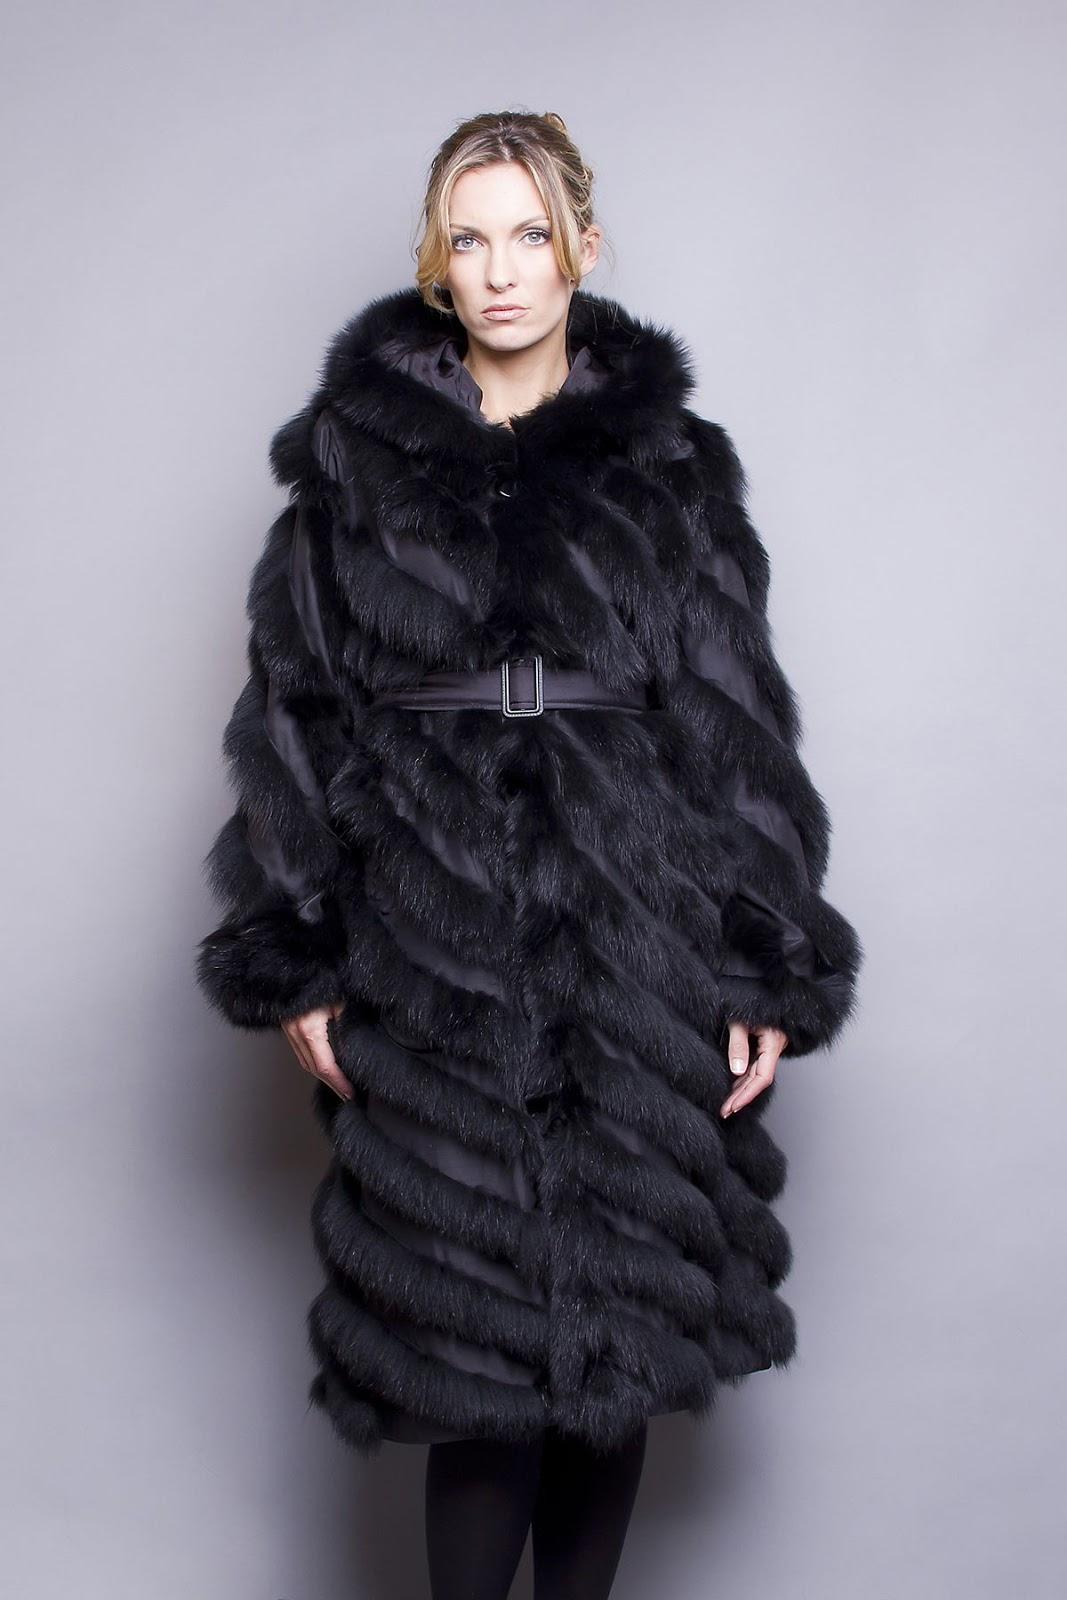 Manteau de fourrure renard femme